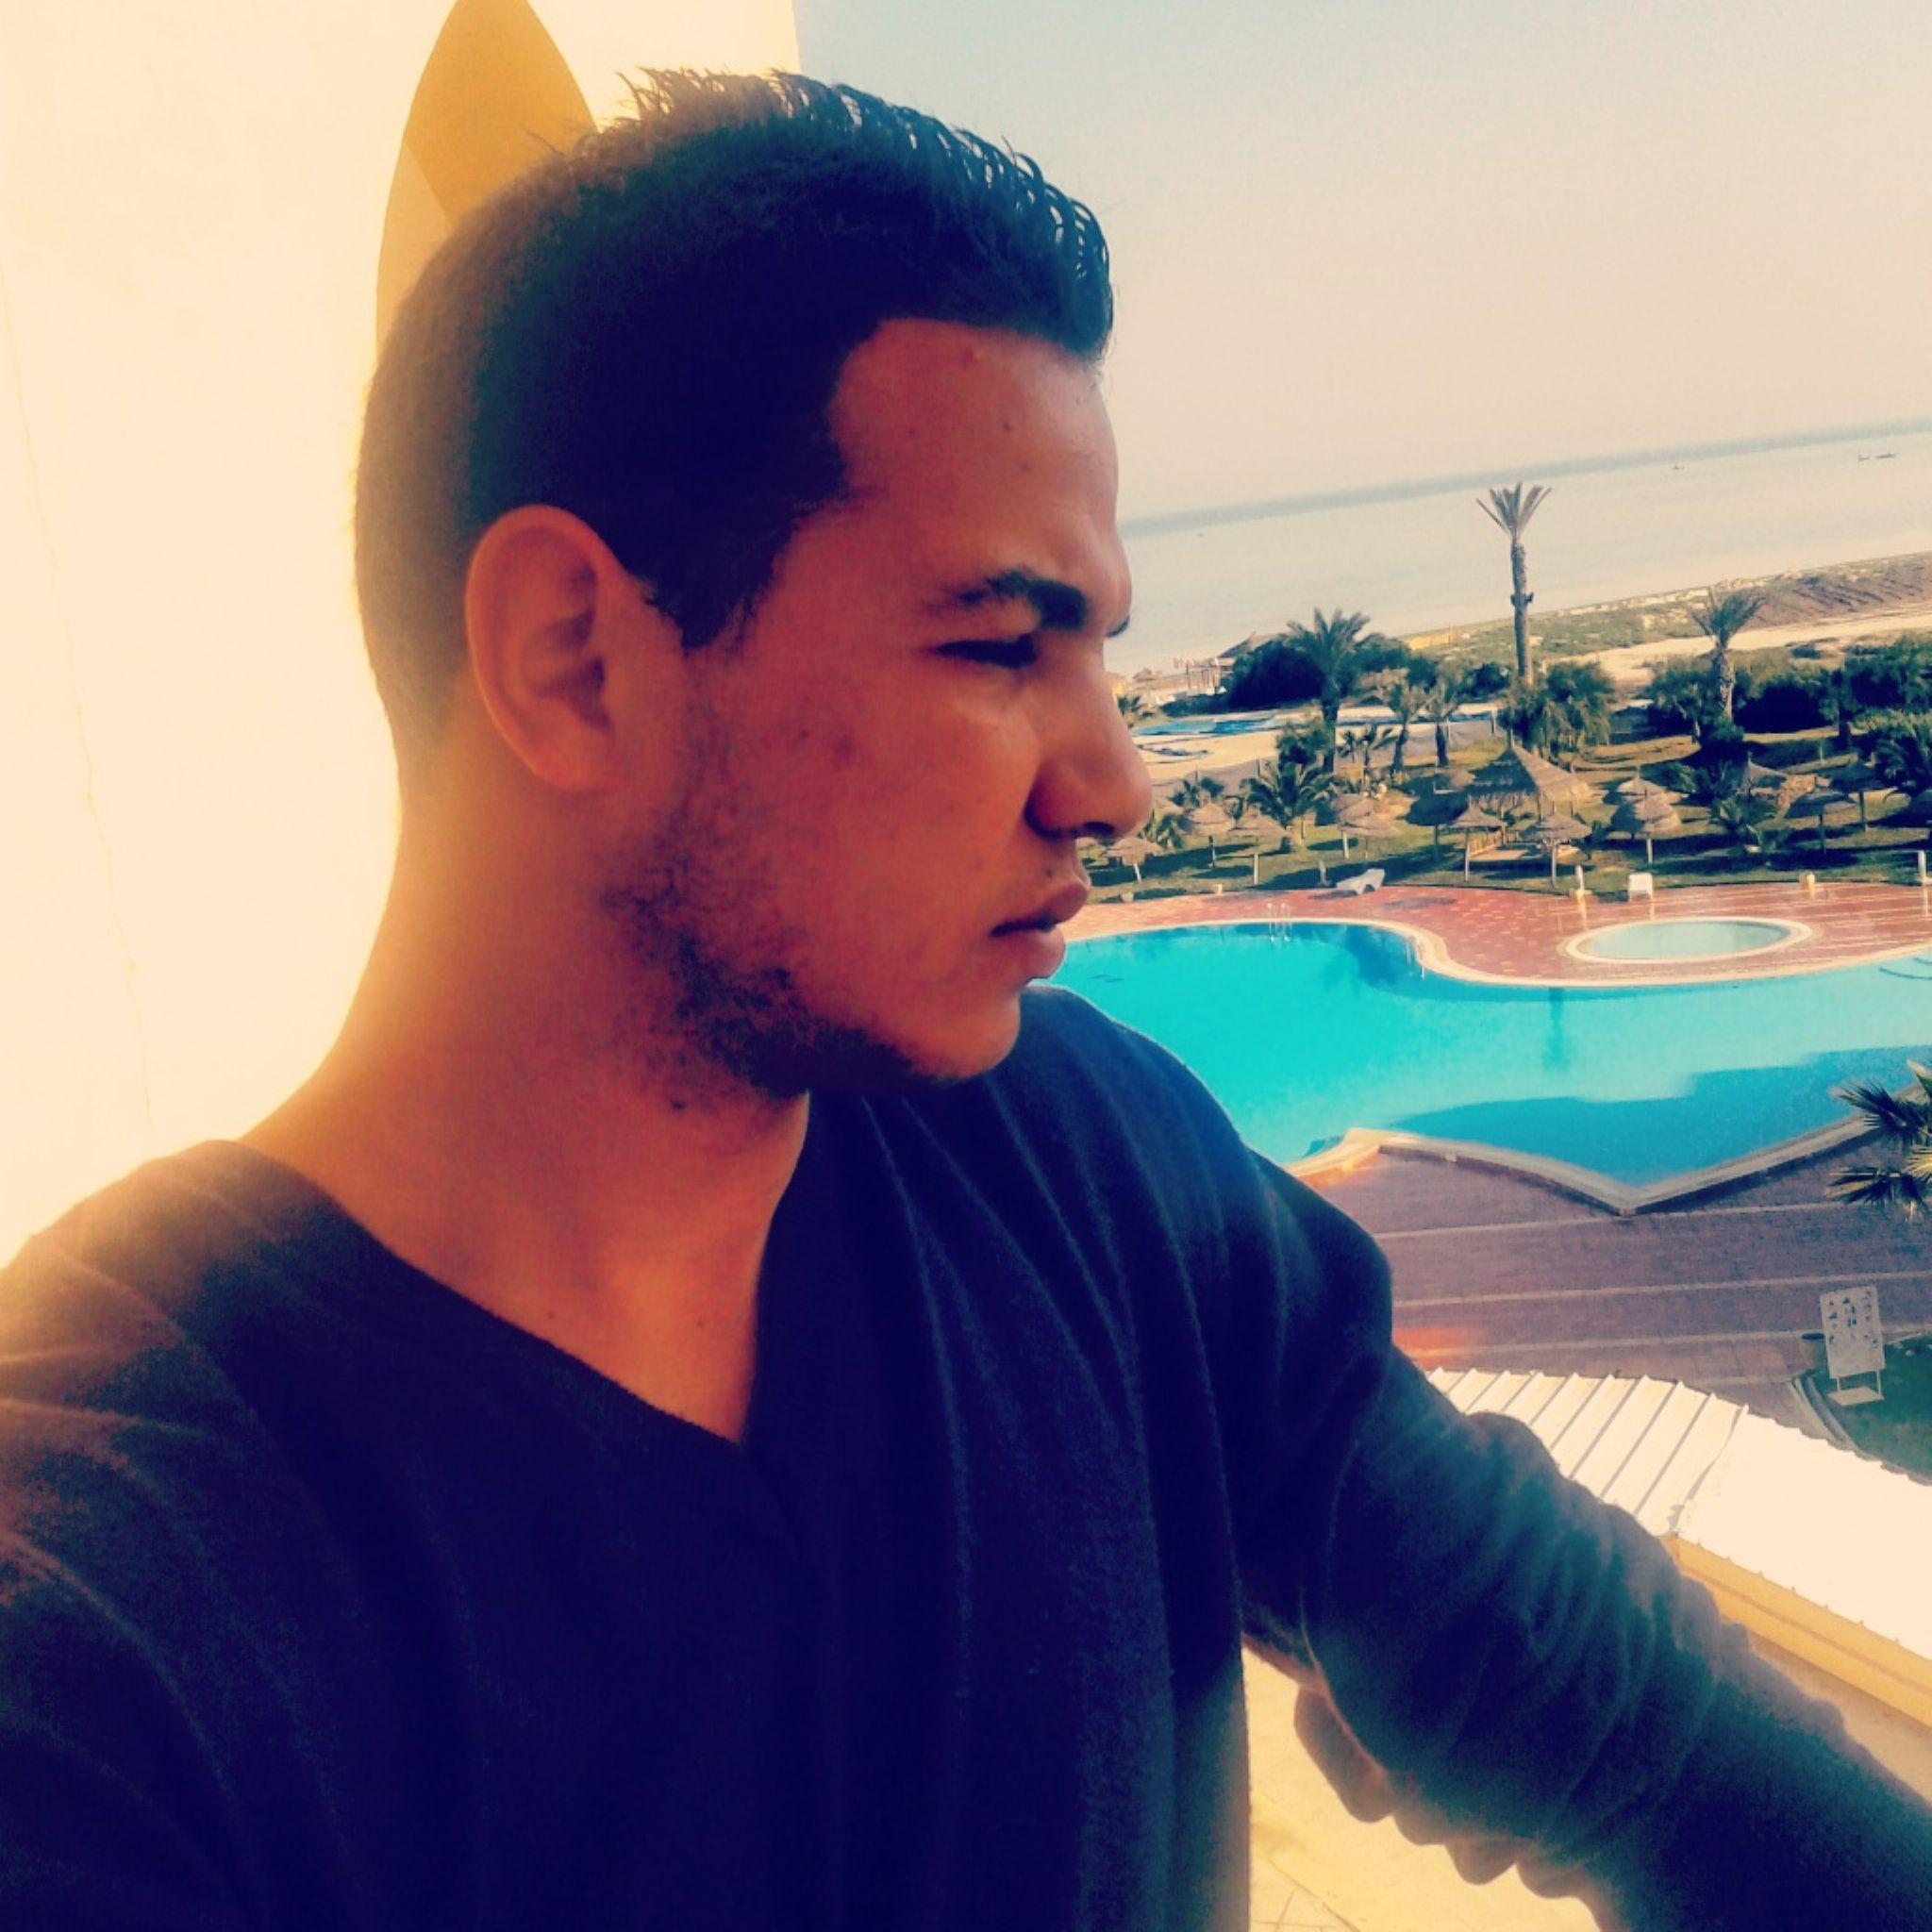 It's Me  In -Hotel Skanes serail Monastir - 4* by hossem_bochumer